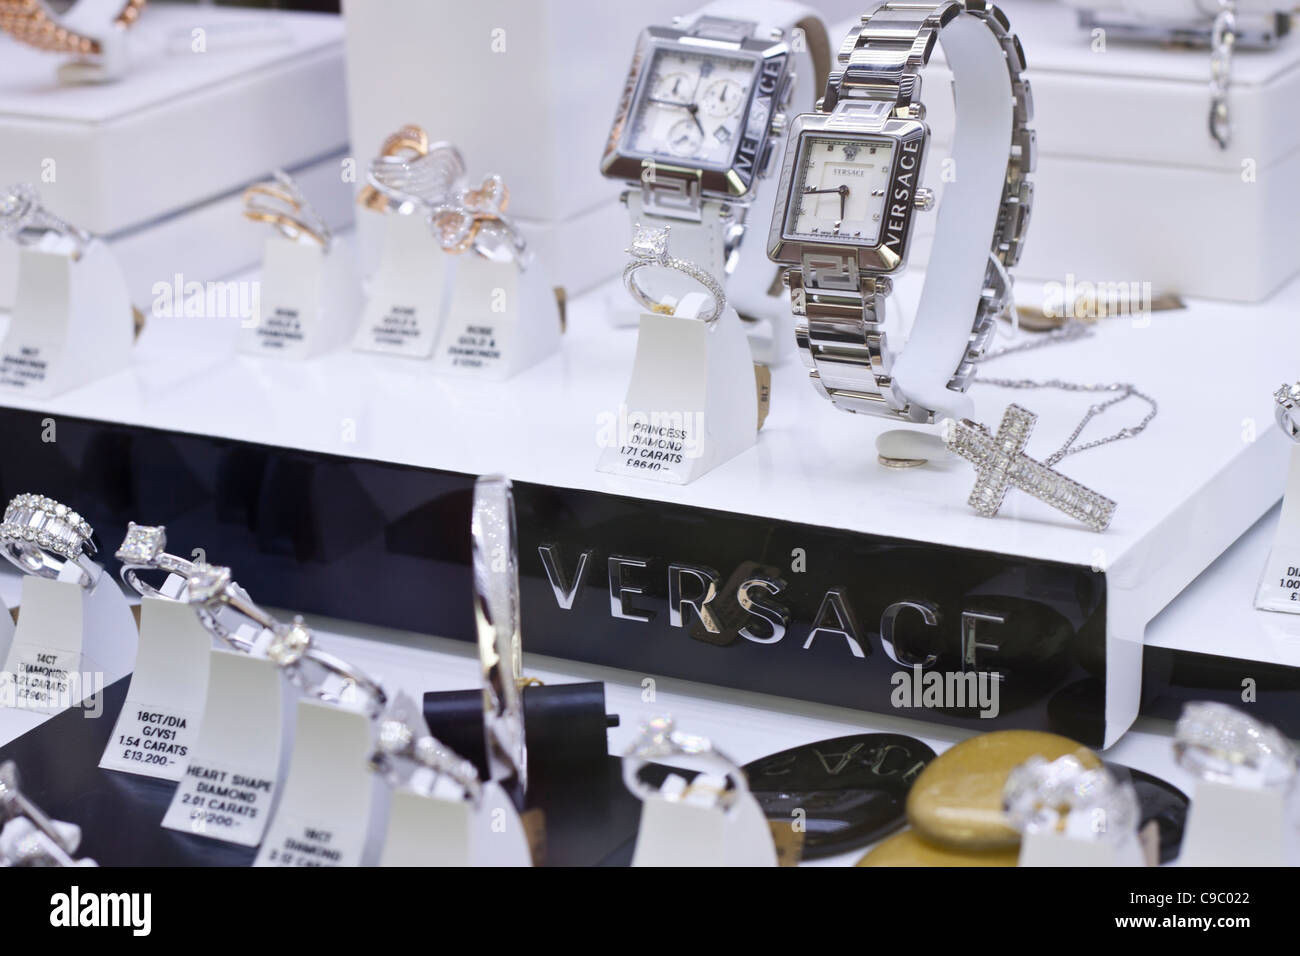 Detail of versace shop window displayed luxury diamond rings and detail of versace shop window displayed luxury diamond rings and watch biocorpaavc Gallery